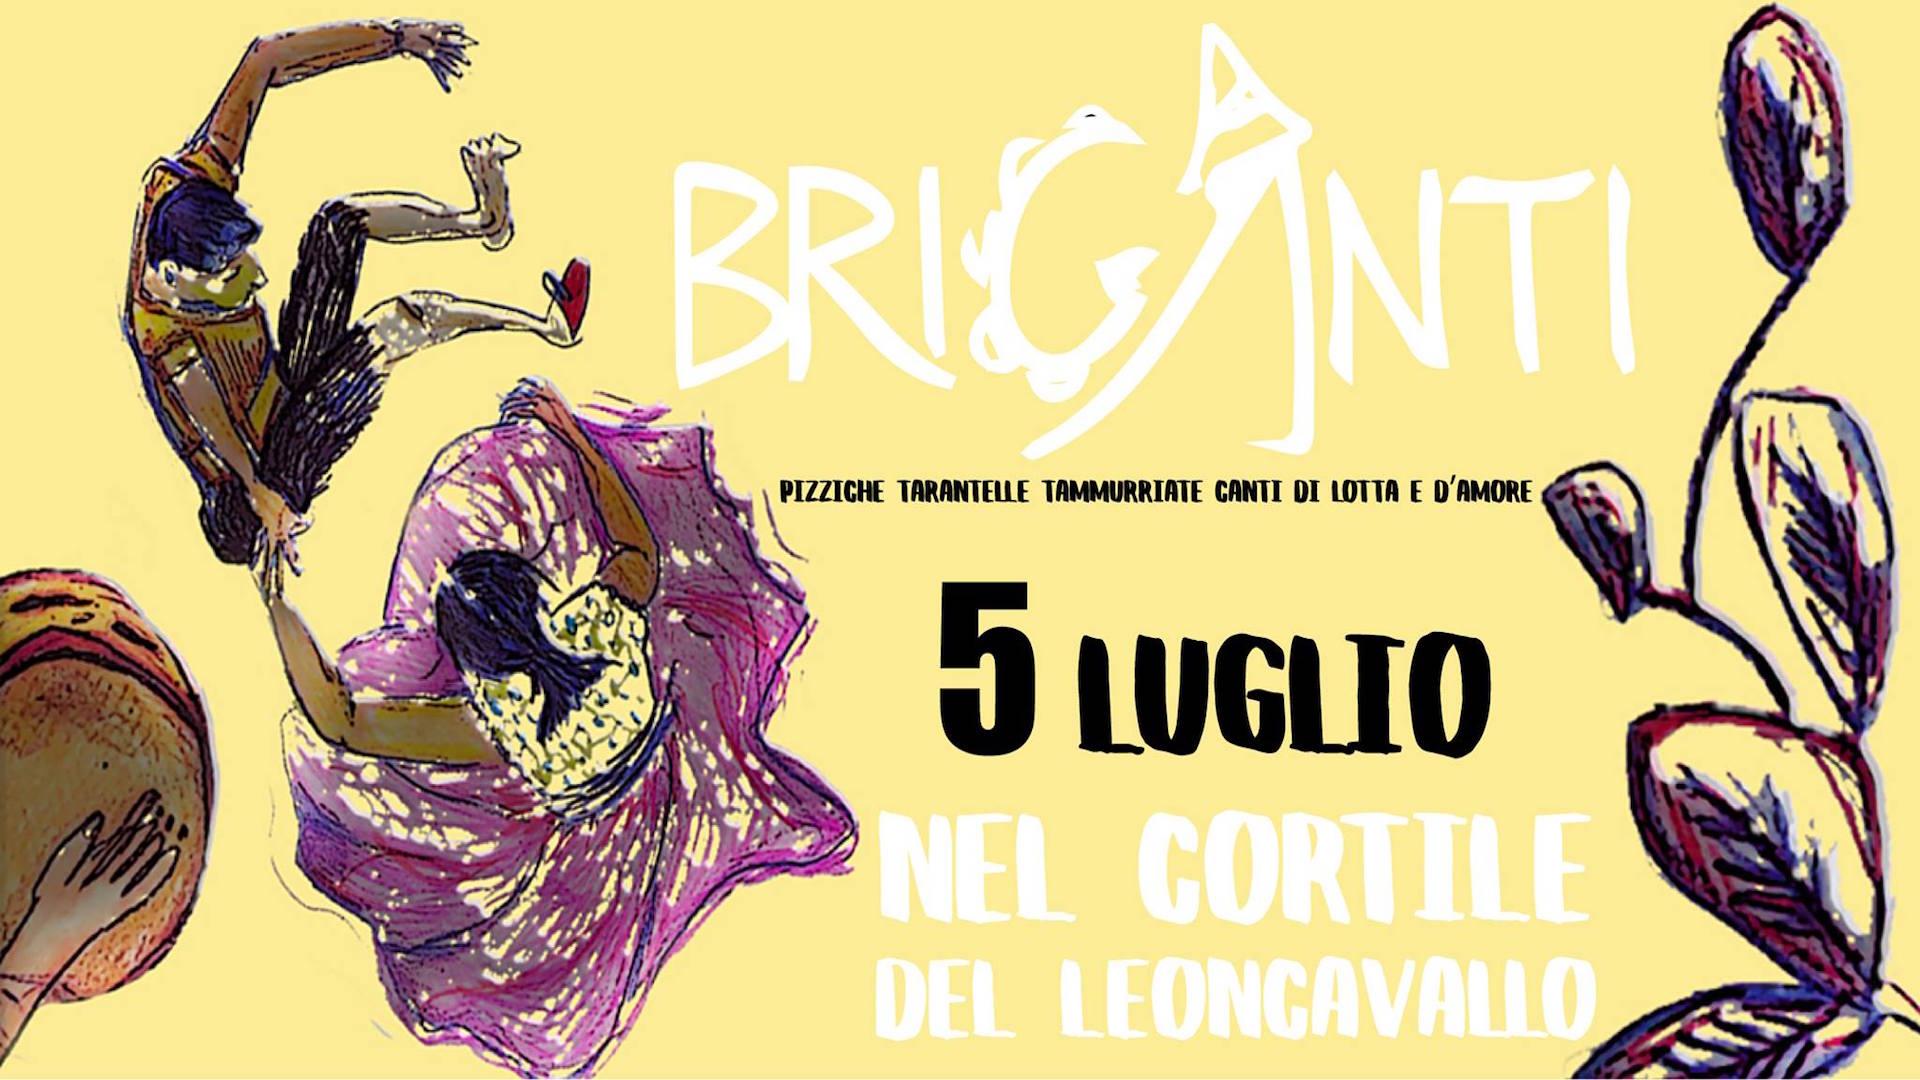 Briganti - Una domenica in cortile